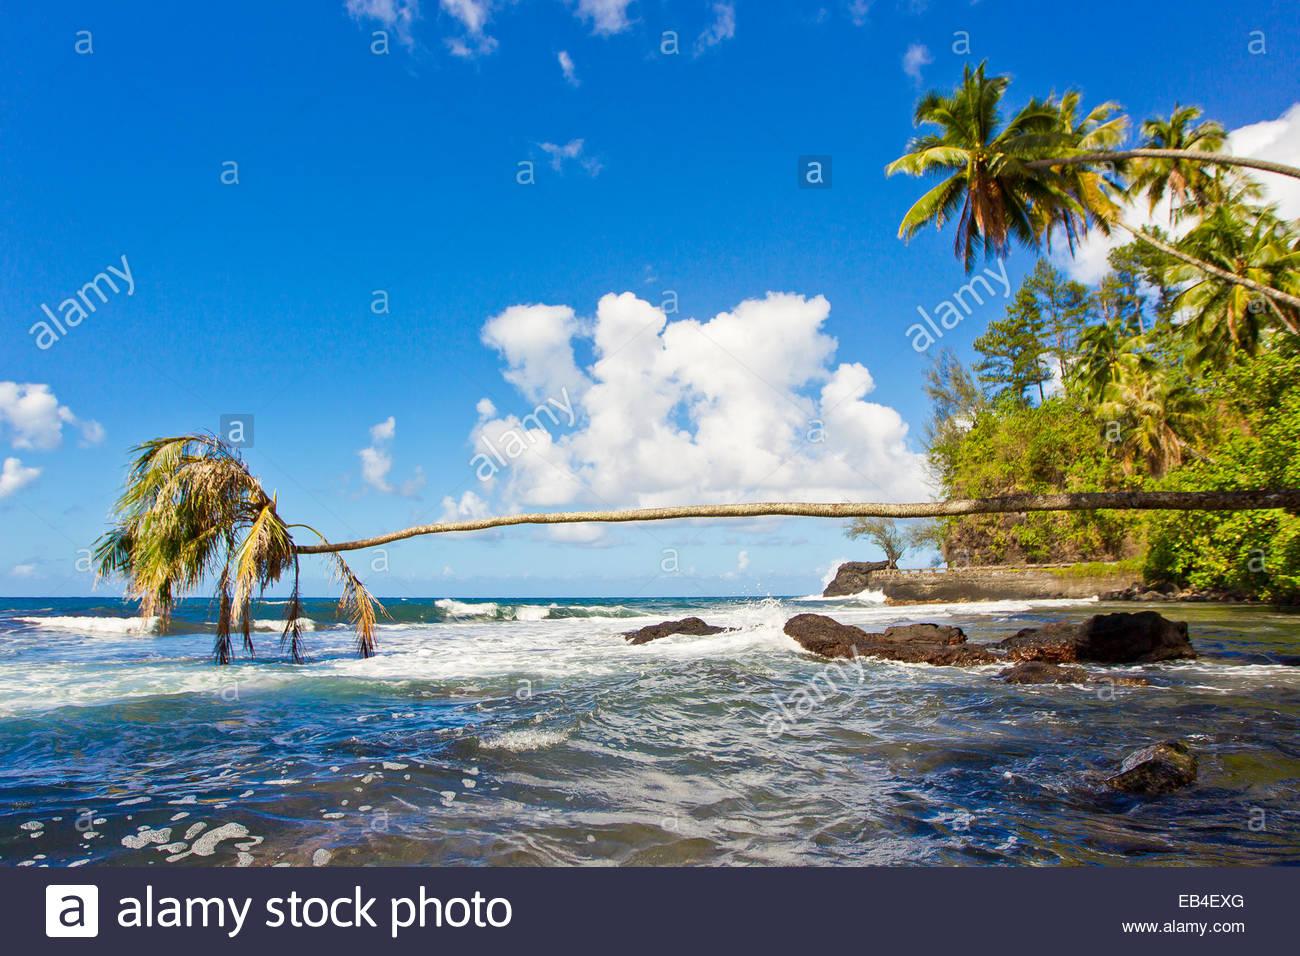 Eine Palme wachsen horizontal heraus über die Brandung am Pacific Beach. Stockbild